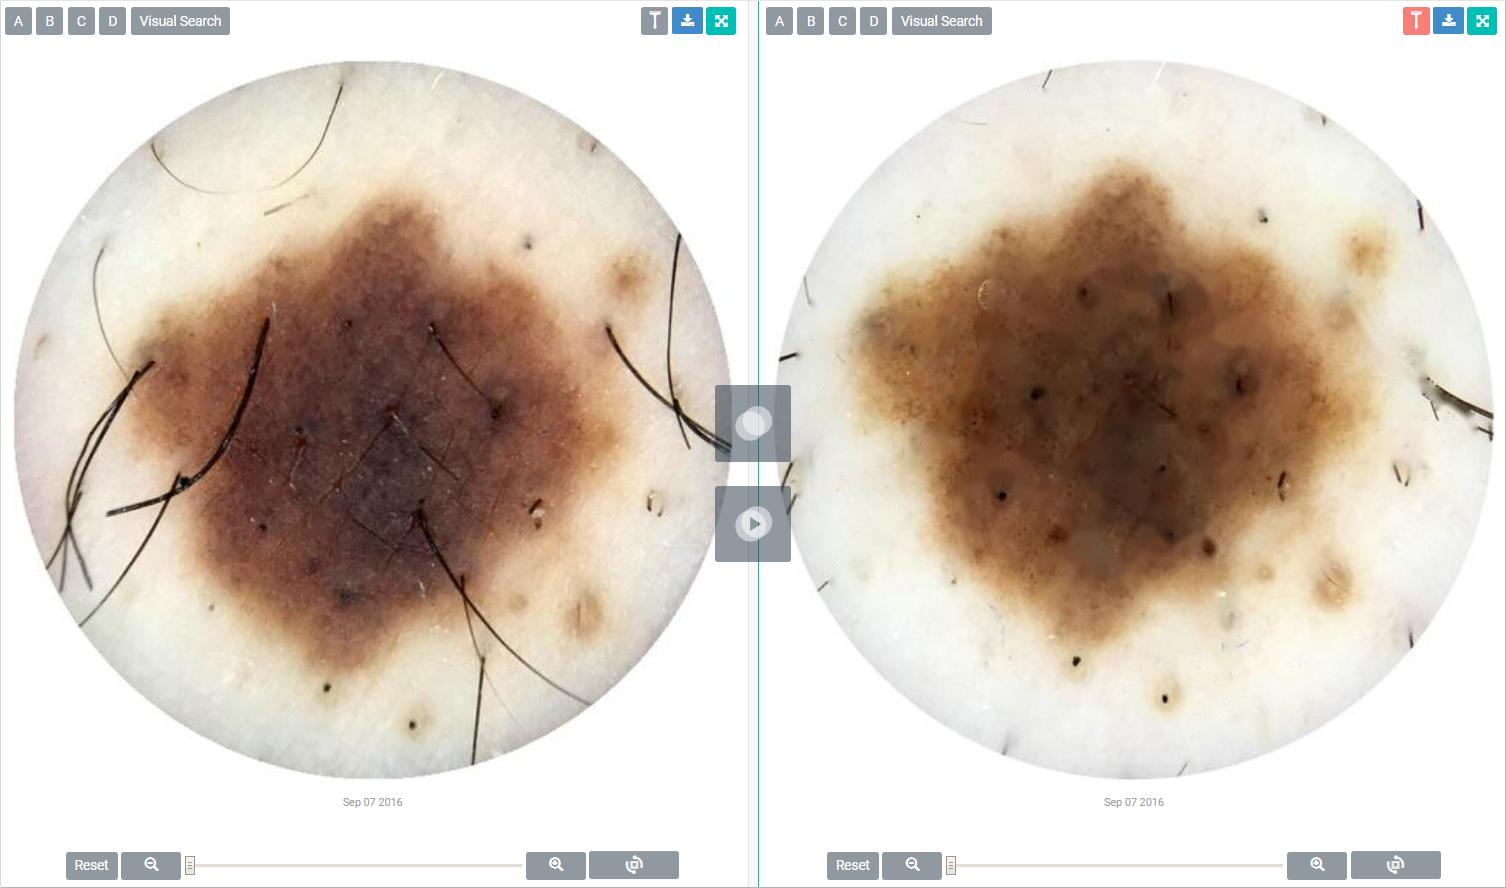 DermEngine Intelligent  Dermatology Software Razor Tool for Skin Analytics